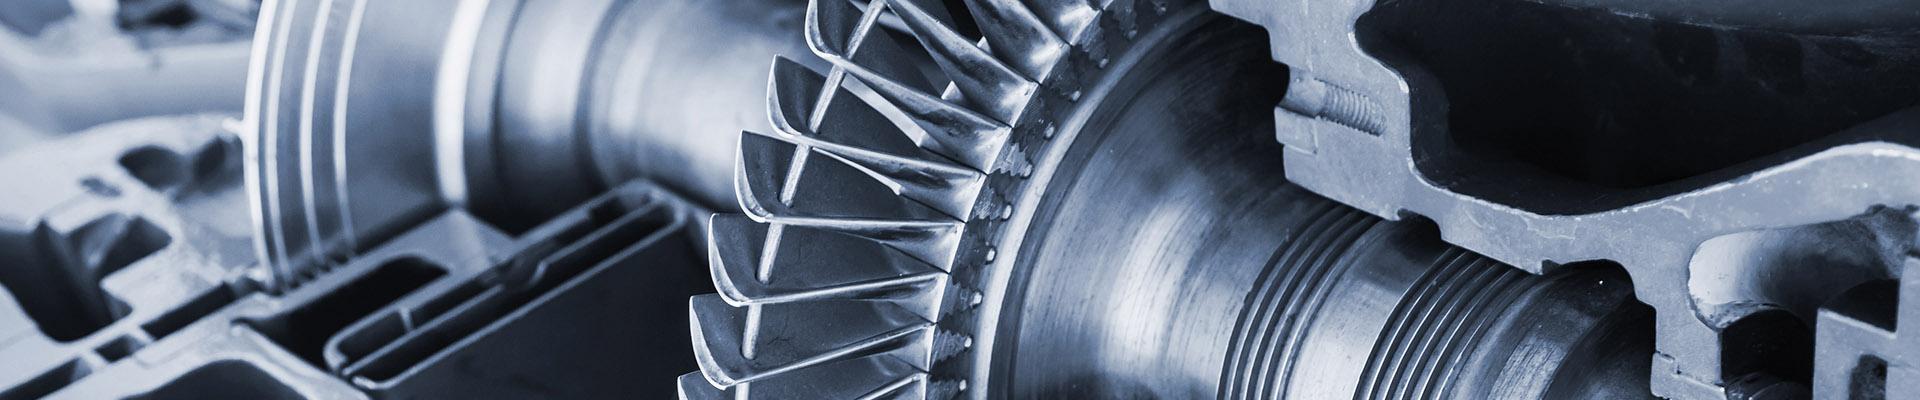 müller co-ax ag im Maschinen- und Anlagenbau